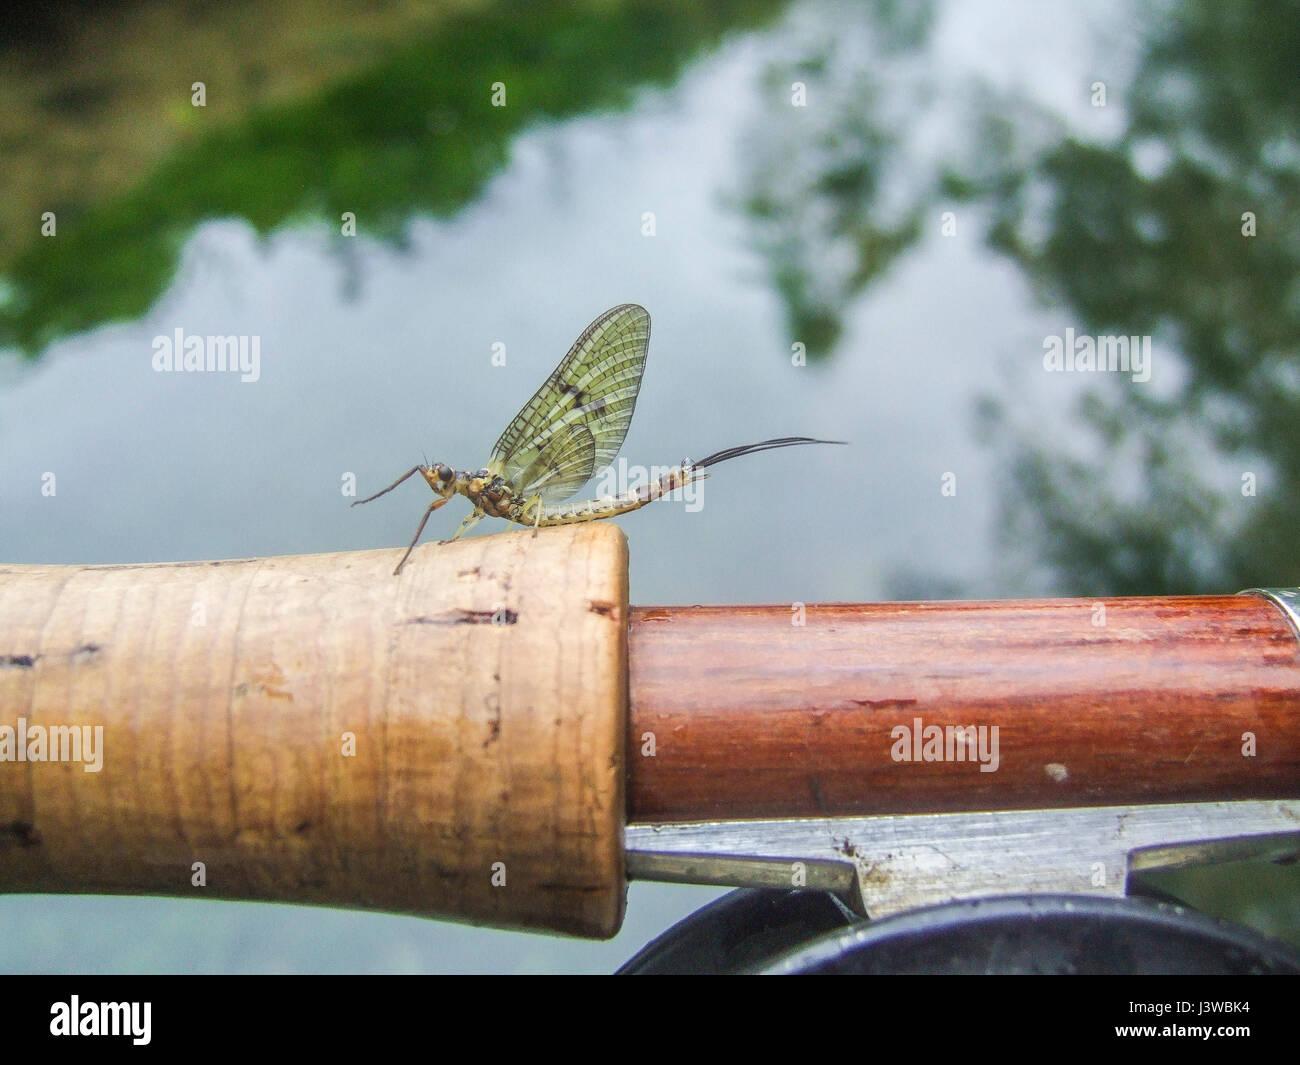 Un éphémère sur une poignée de canne à pêche Photo Stock